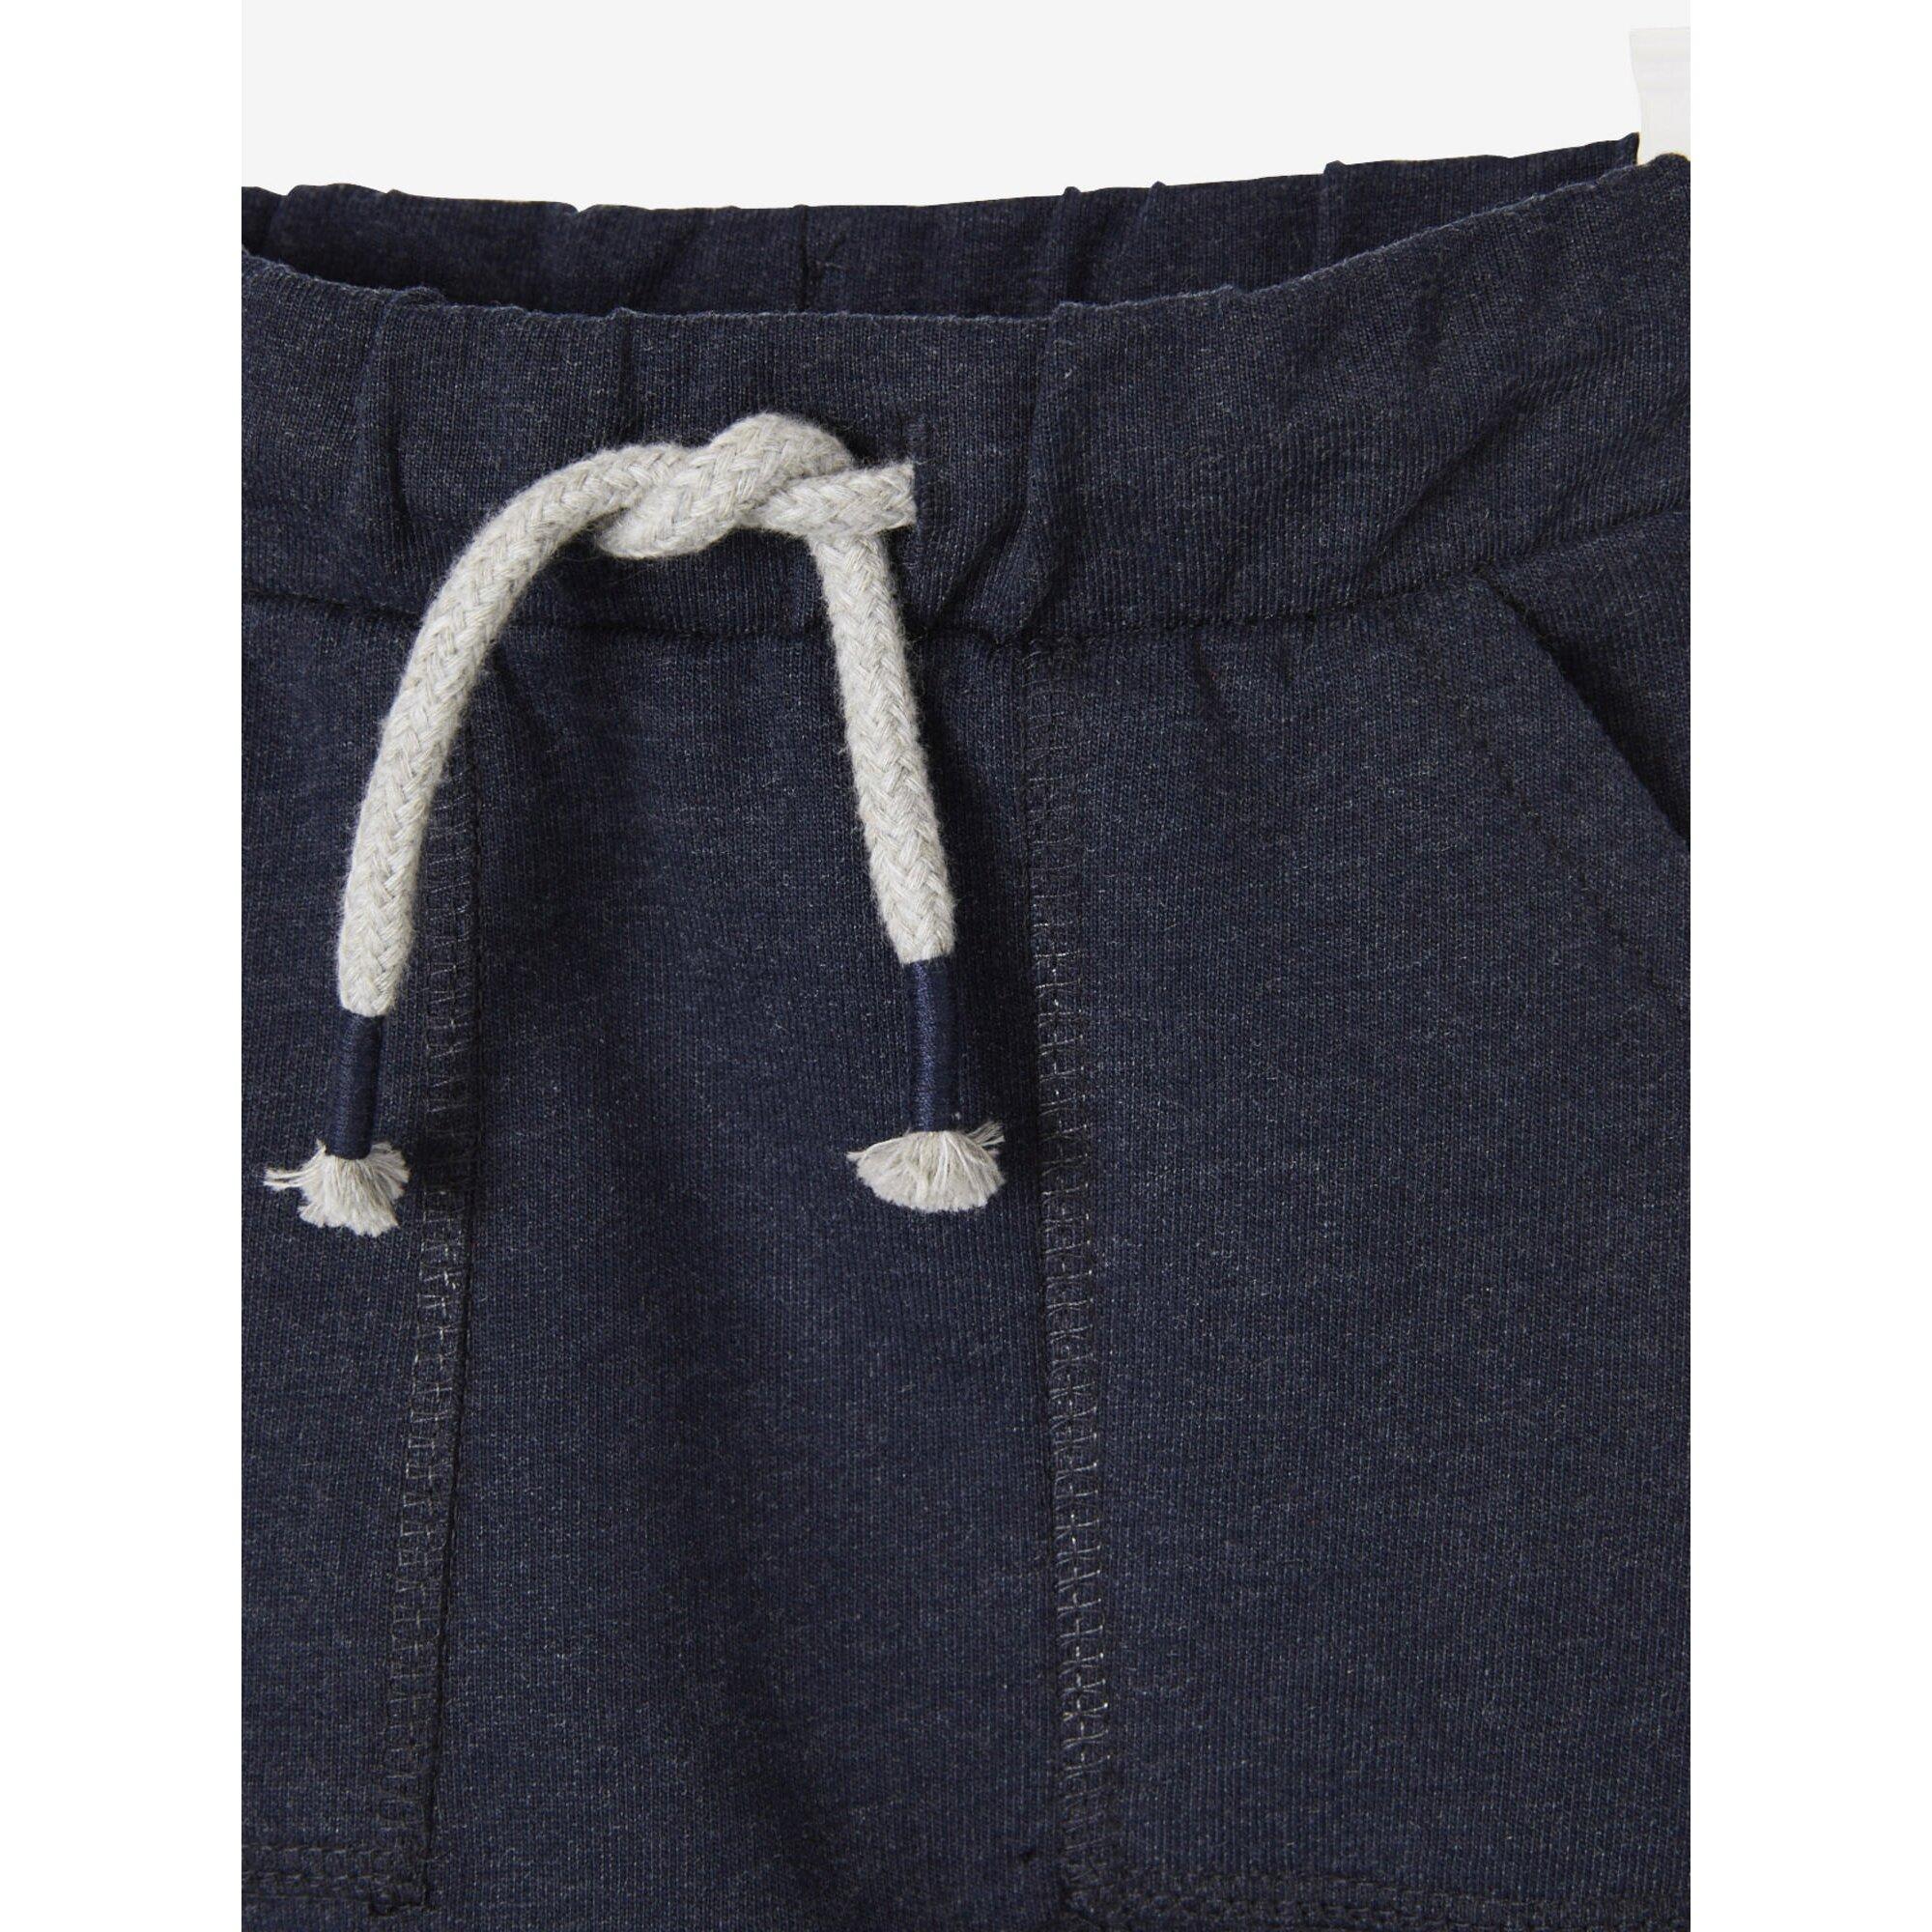 vertbaudet-set-aus-kapuzensweatshirt-und-hose-jungen